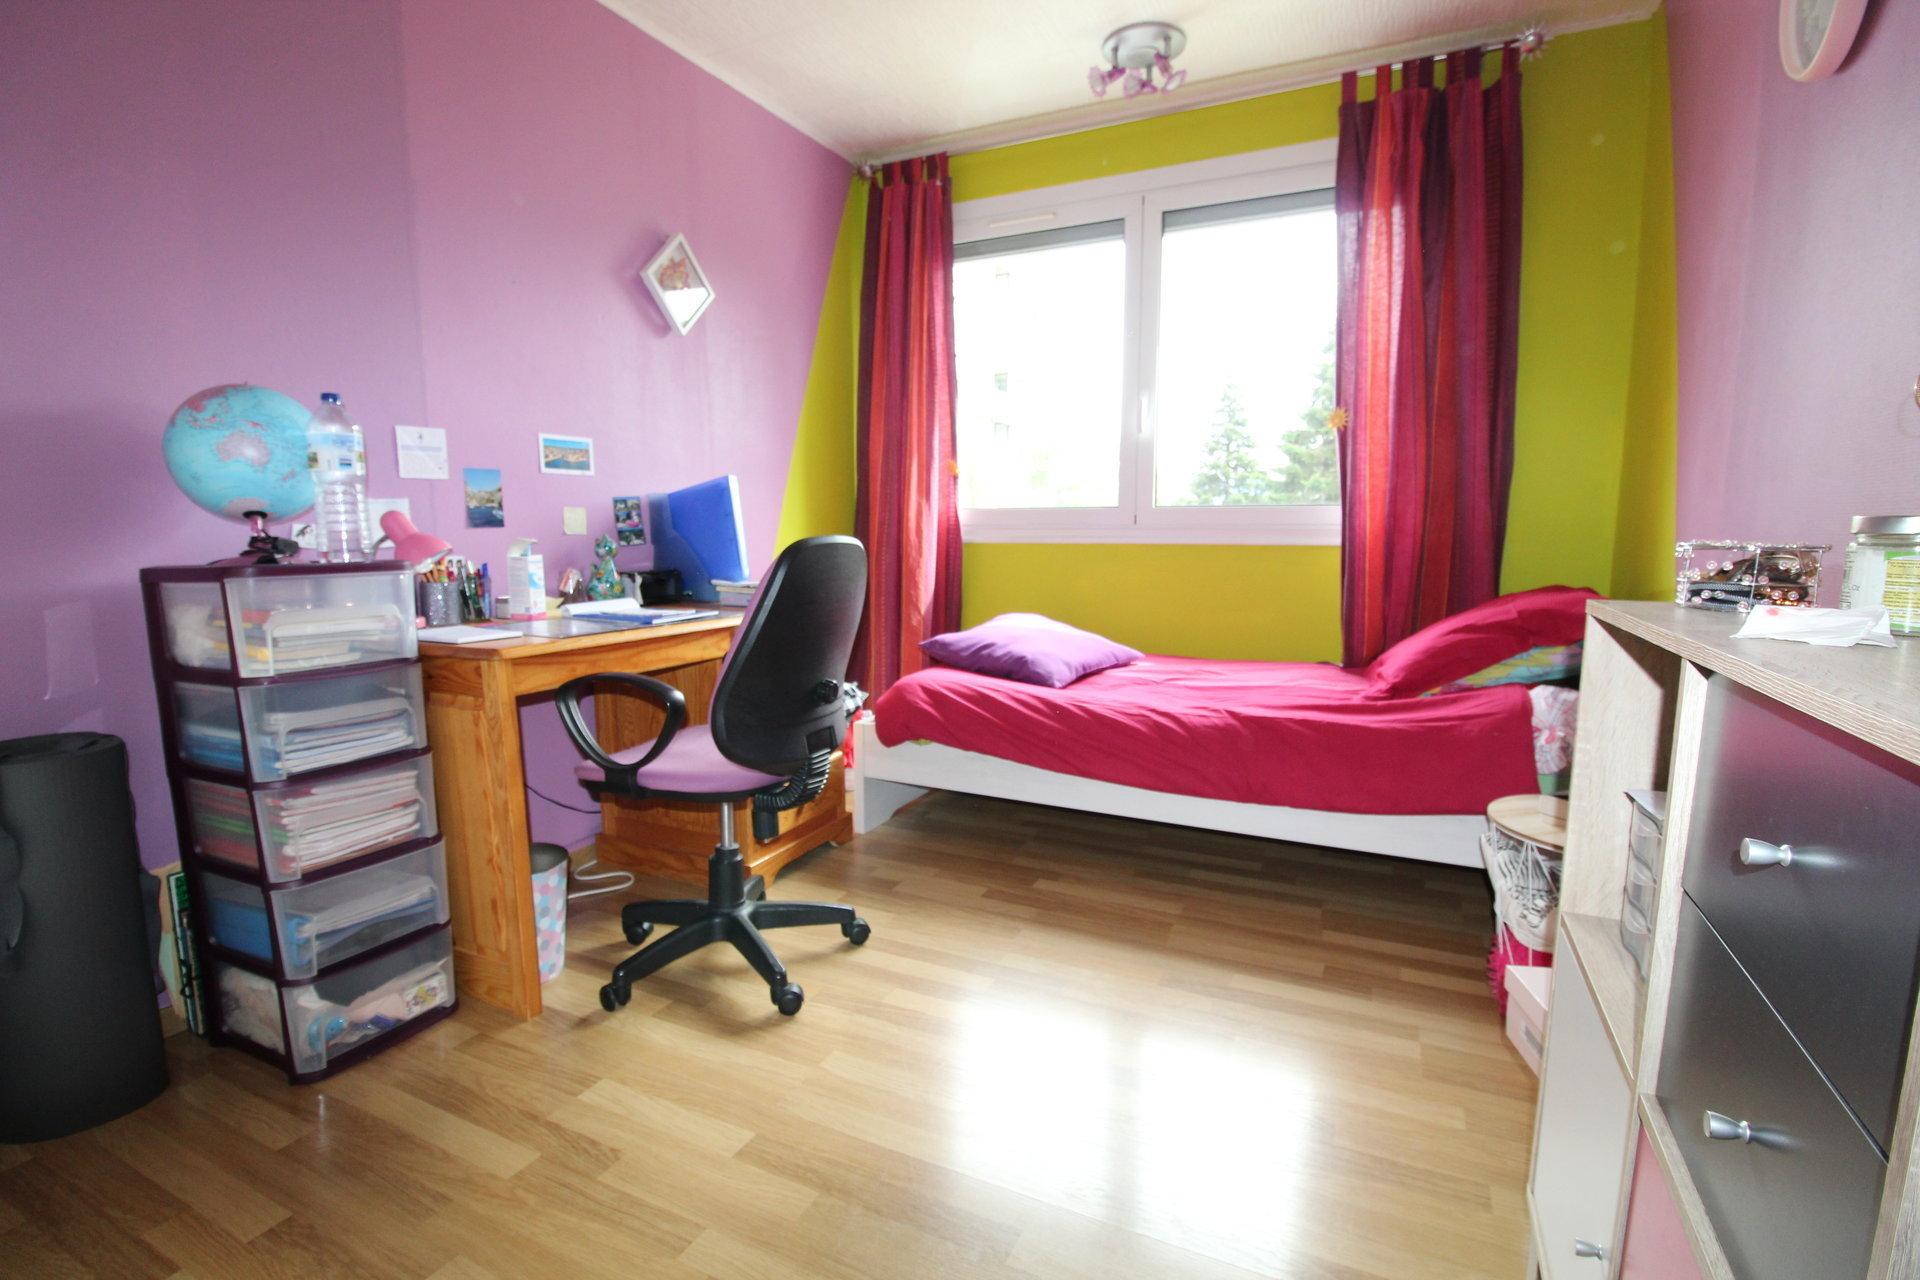 Appartement Villars 6 pièces 112.57m2 avec balcon et cave